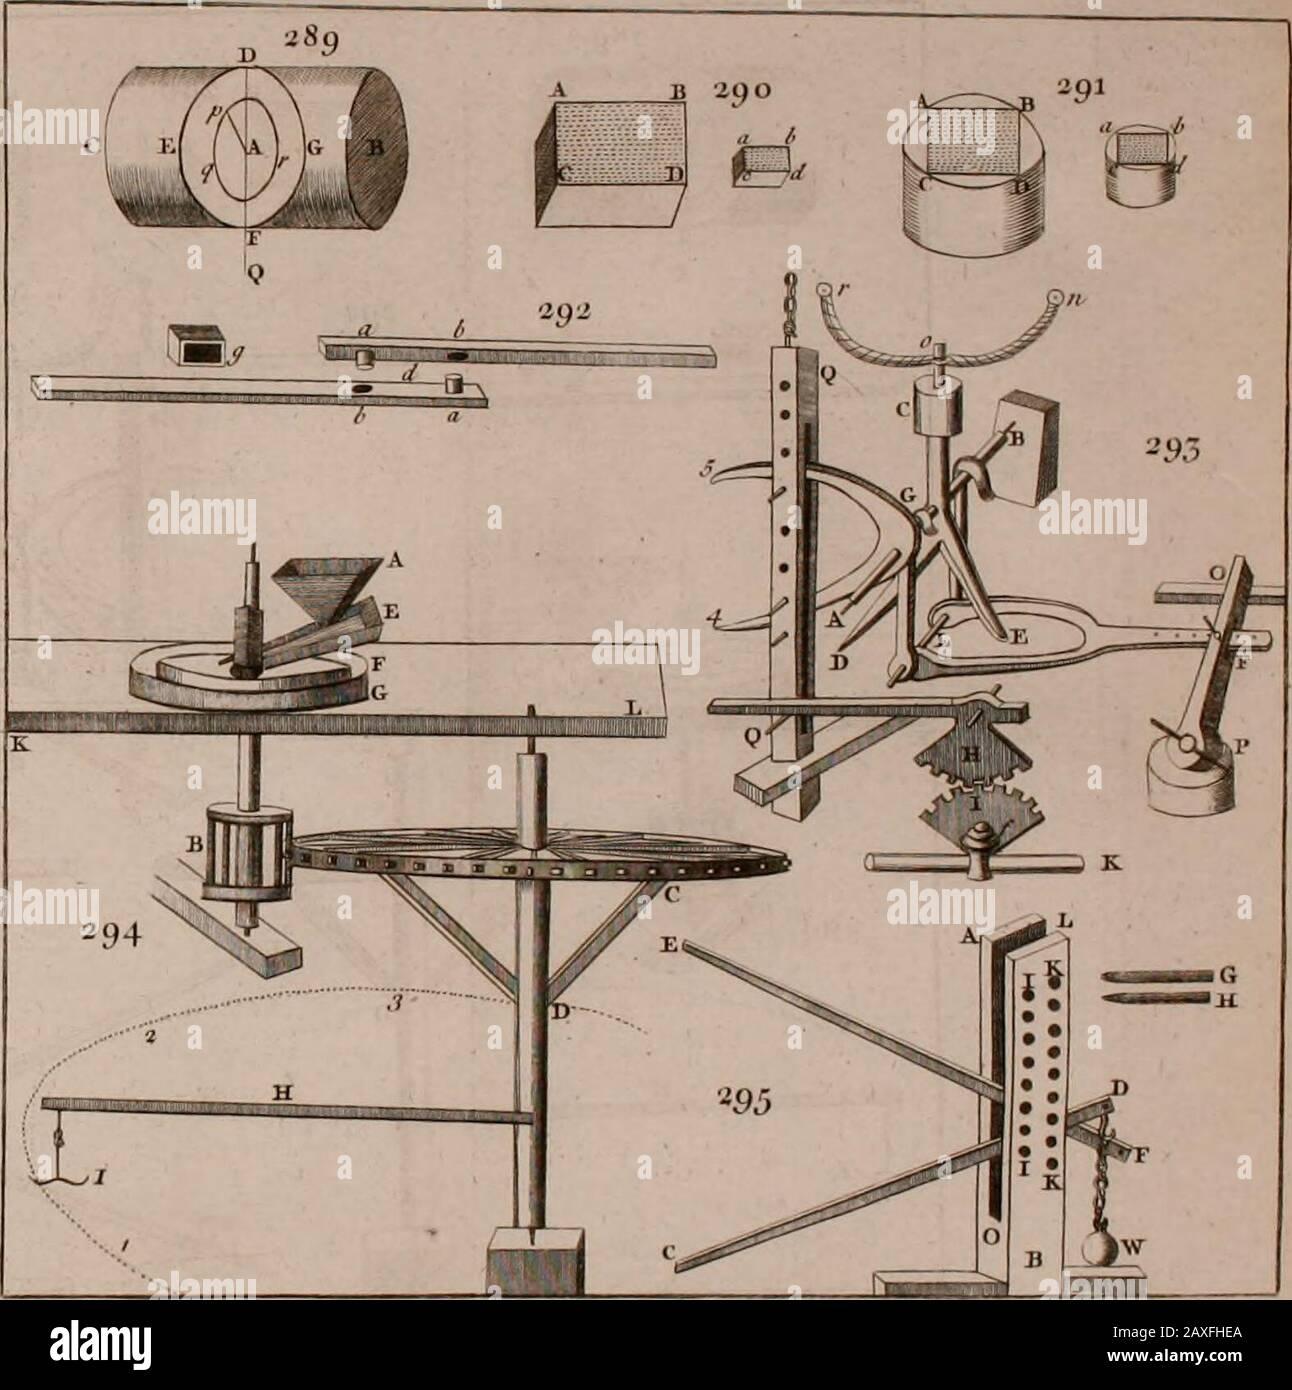 Los principios de la mecánica : explicar y demostrar las leyes generales de movimiento, las leyes de gravedad, movimiento de cuerpos descendentes, proyectiles, poderes mecánicos, péndulos, centros de gravedad, &cstrength y estrés de la madera, hidróstaticos, y construcción de máquinas : un trabajo muy necesario para ser conocido, por todos los caballeros, y otros, que desean tener una visión de las obras de la naturaleza y el arte : y extremadamente útil a todo tipo de artificadores, particularmente a arquitectos, ingenieros, shipwrights, millwrights, relojeros, &cor cualquiera que trabaje de una manera mecánica : ilustrado con cuarenta Foto de stock